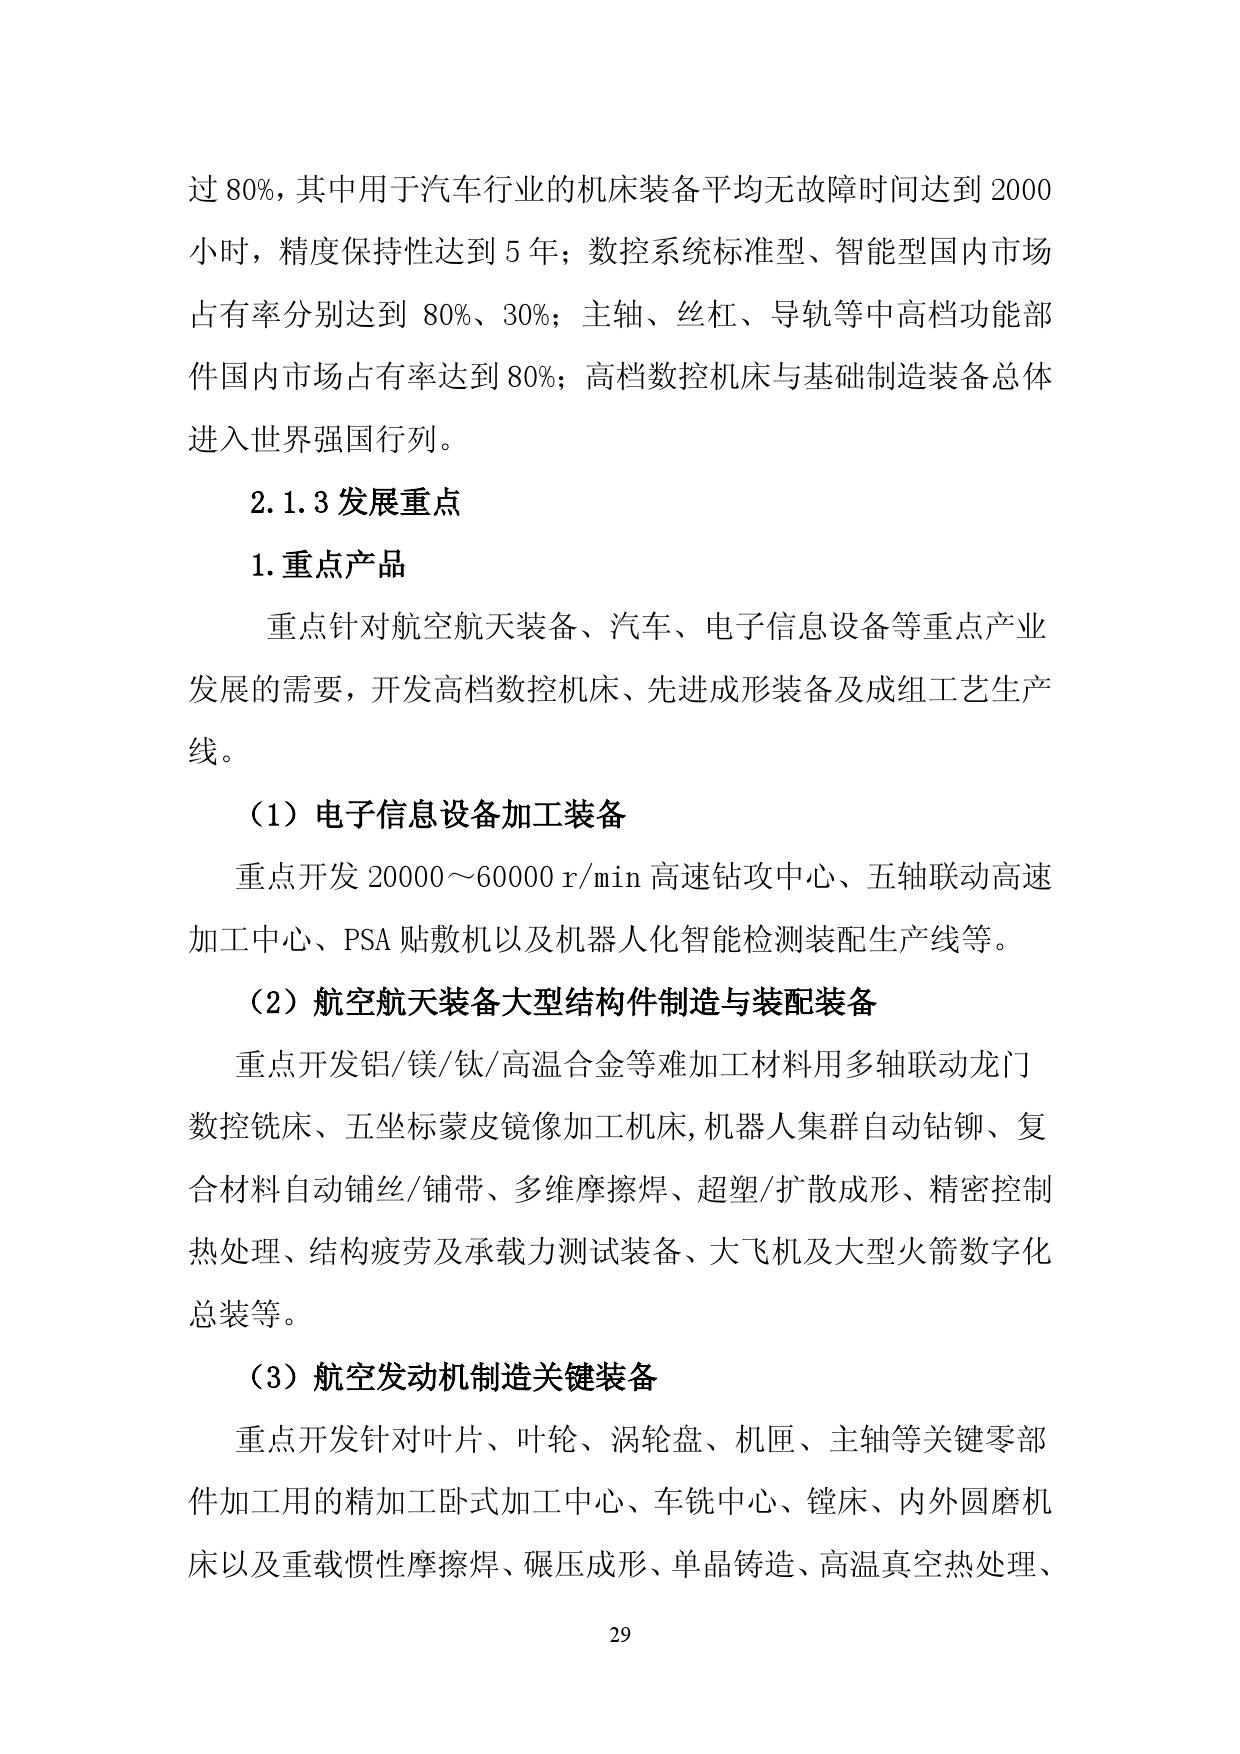 《中国制造 2025》重点领域技术路线图_000035